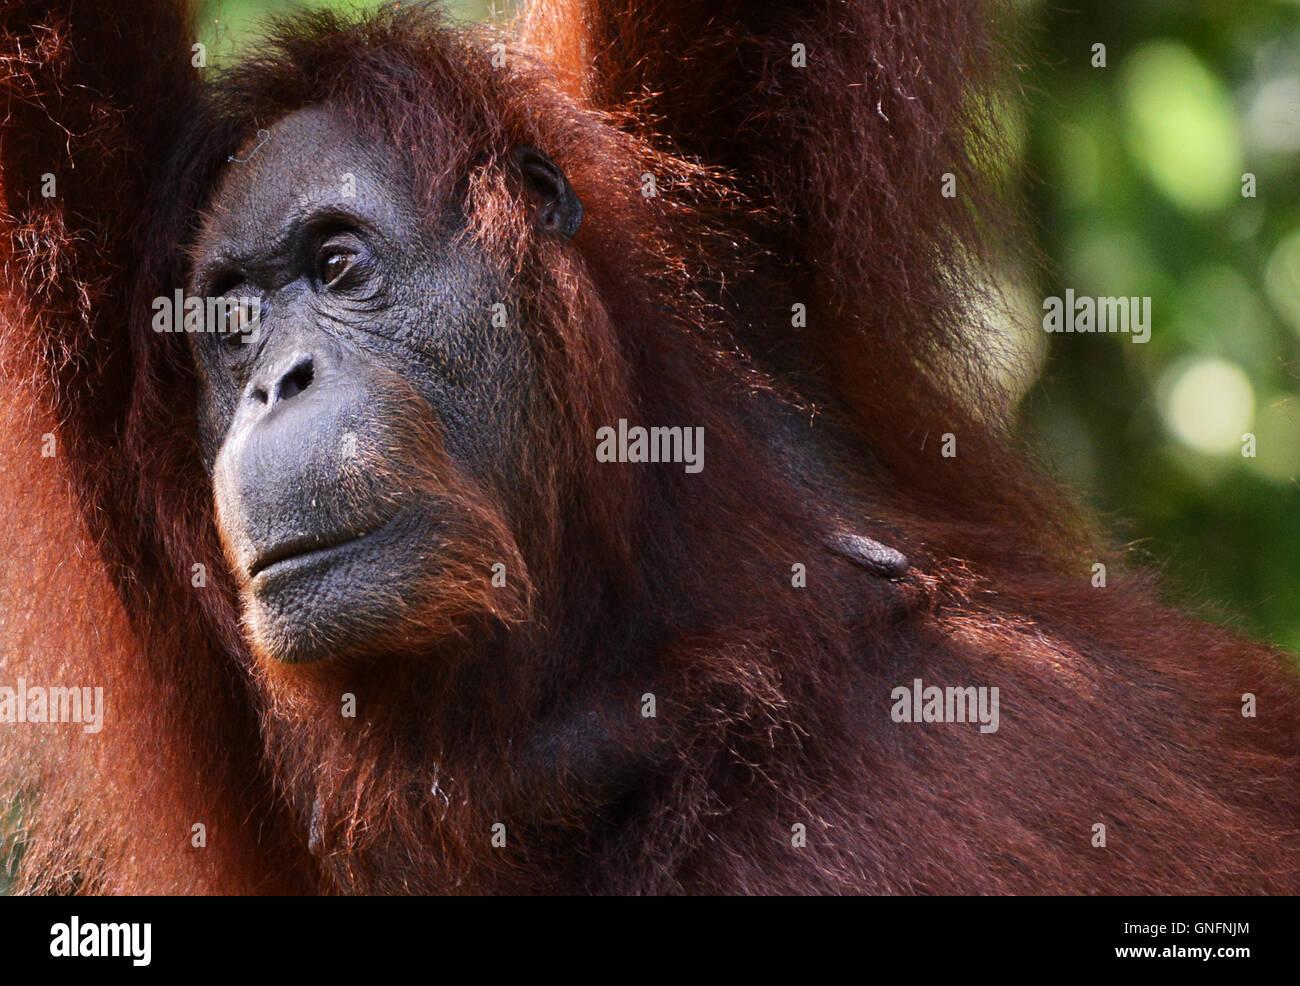 Portrait einer weiblichen Orang-Utan. Stockbild